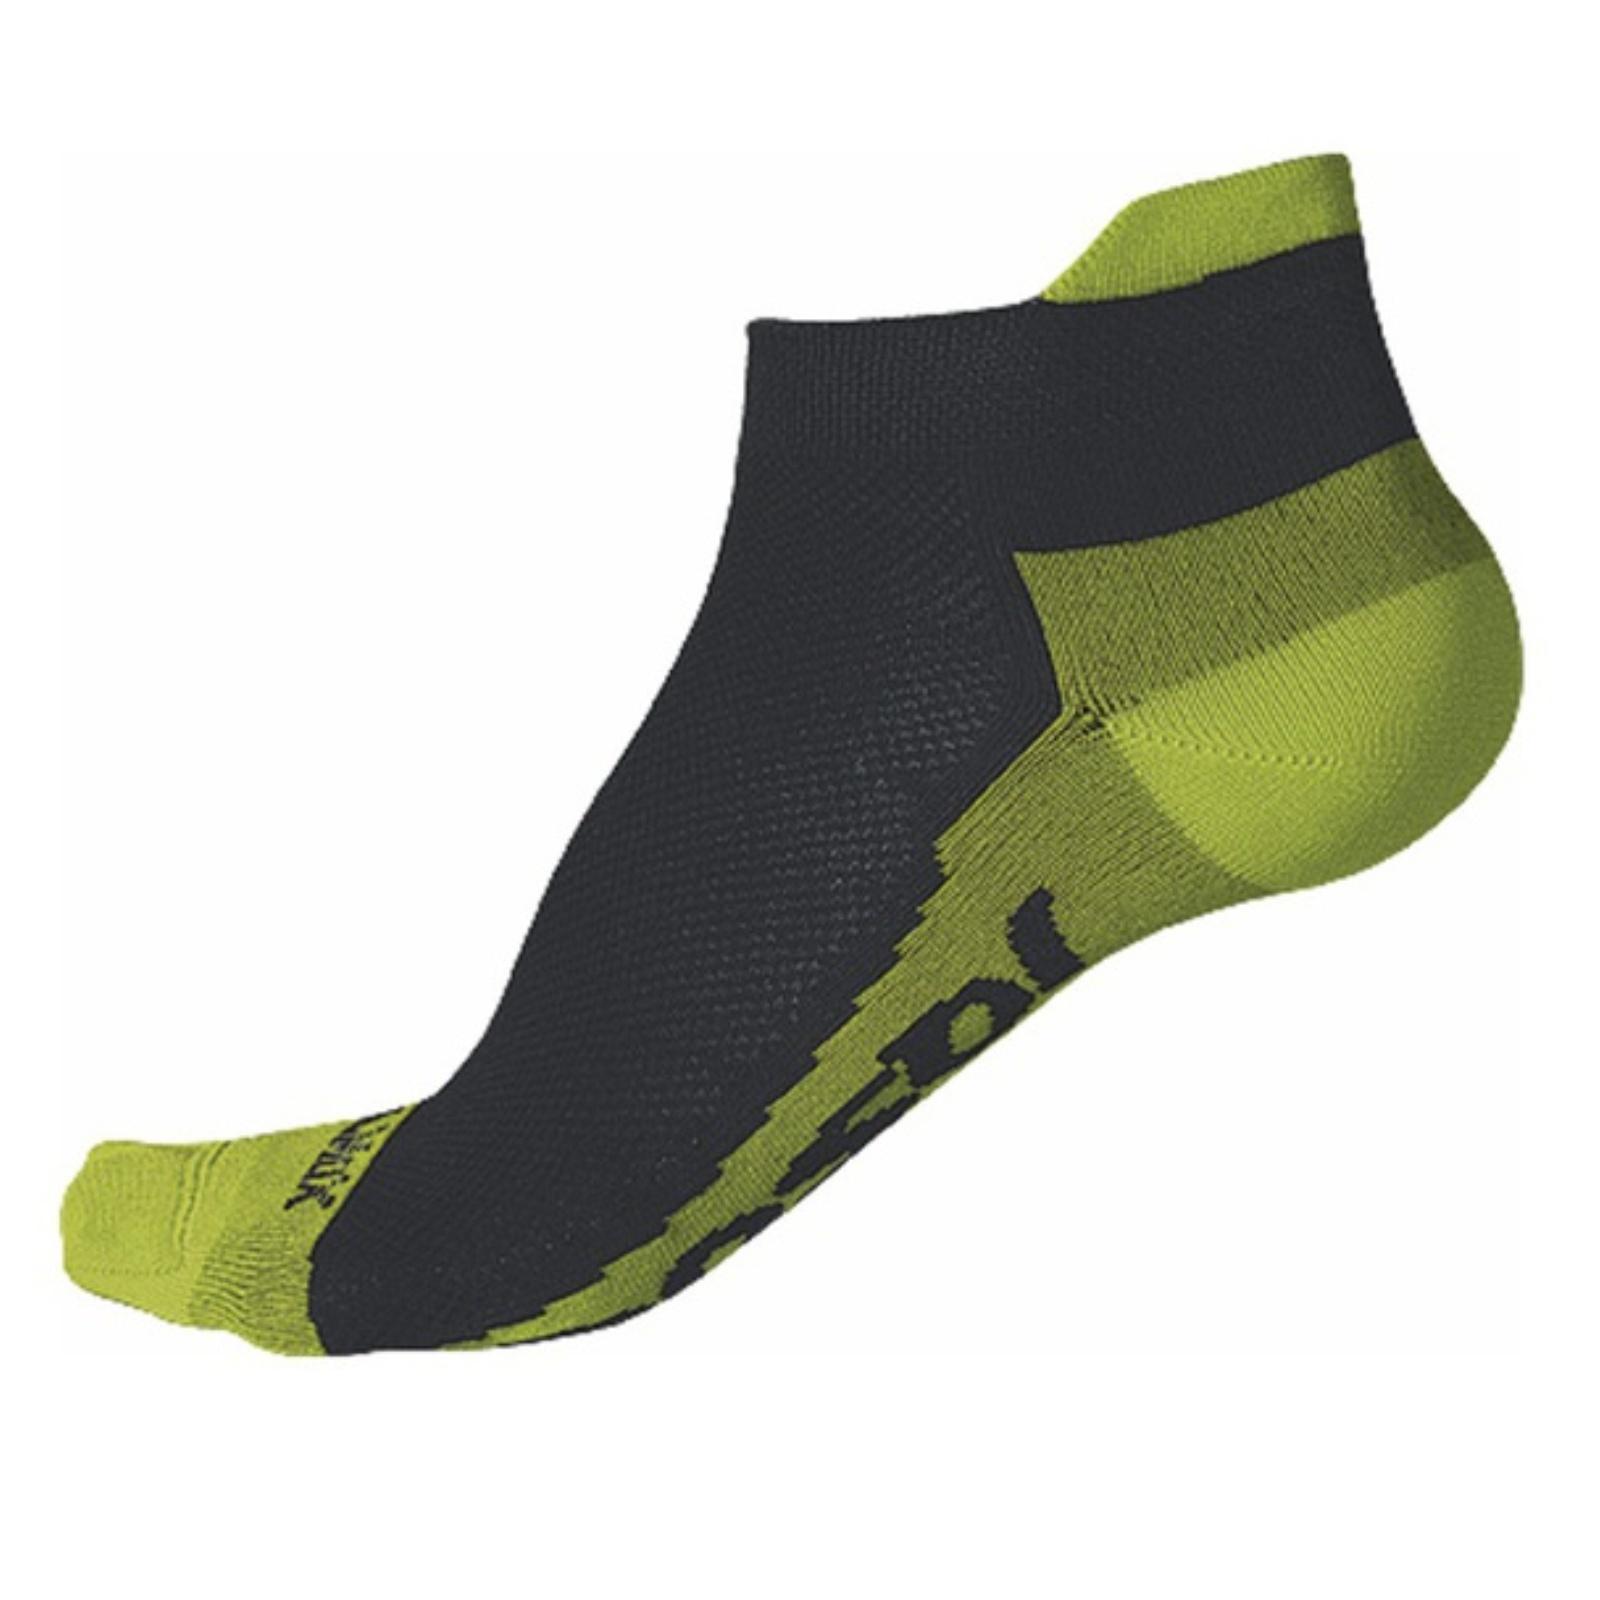 Ponožky SENSOR Coolmax Invisible limetka - vel. 3-5